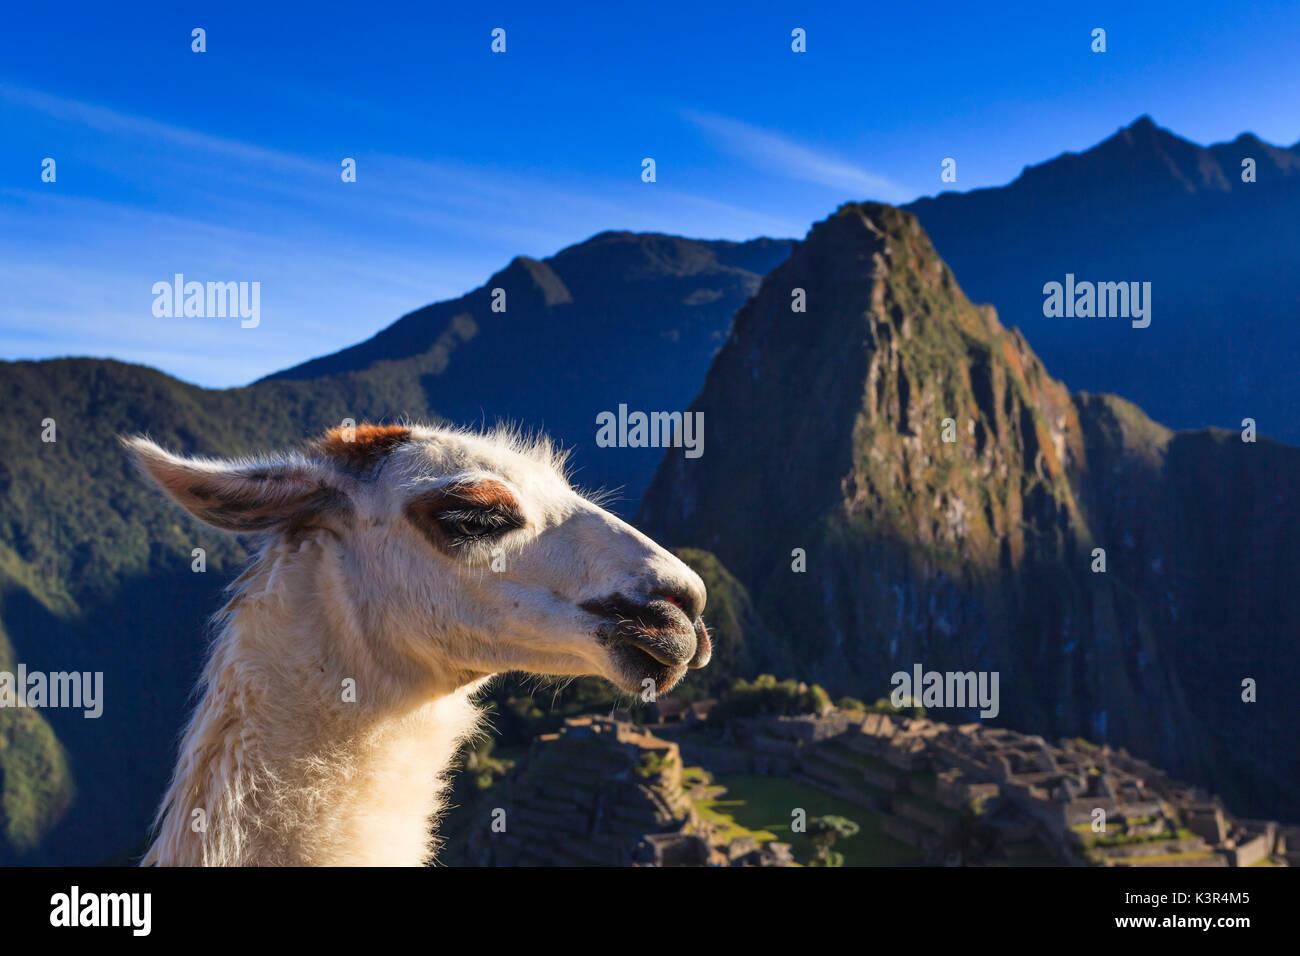 Llama au célèbre site archéologique de Machu Picchu dans la région de Cuzco, la Province d'Urubamba, Machupicchu, Pérou, Amérique du Sud Photo Stock